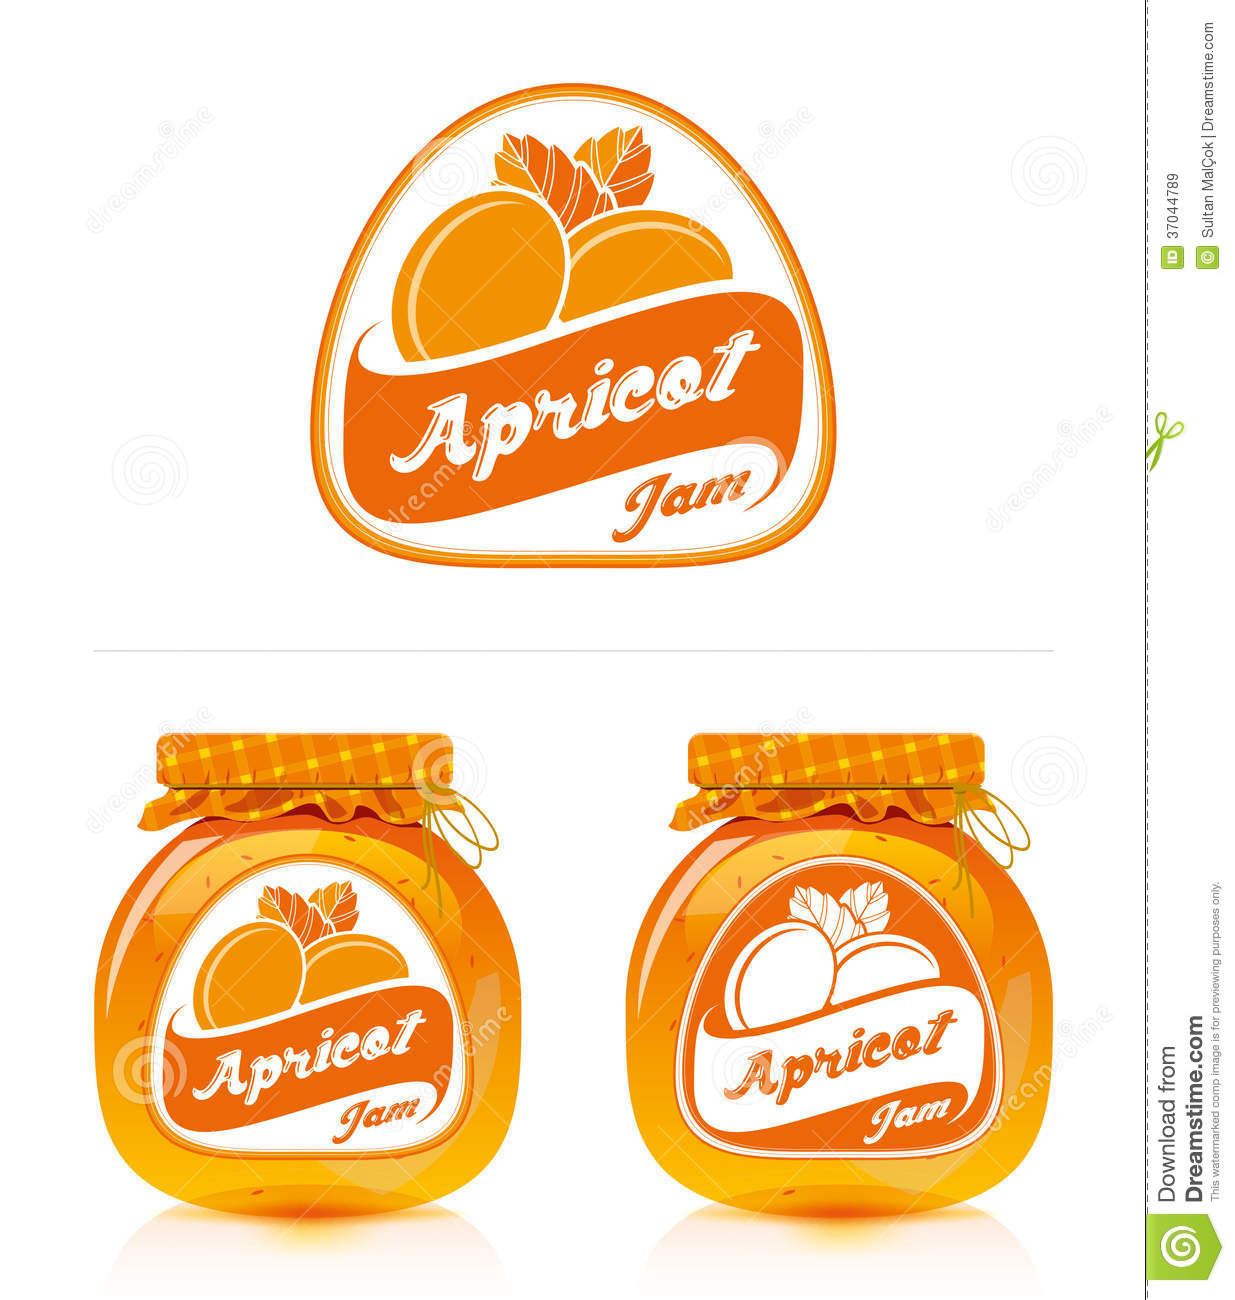 Apricot jam clipart #18